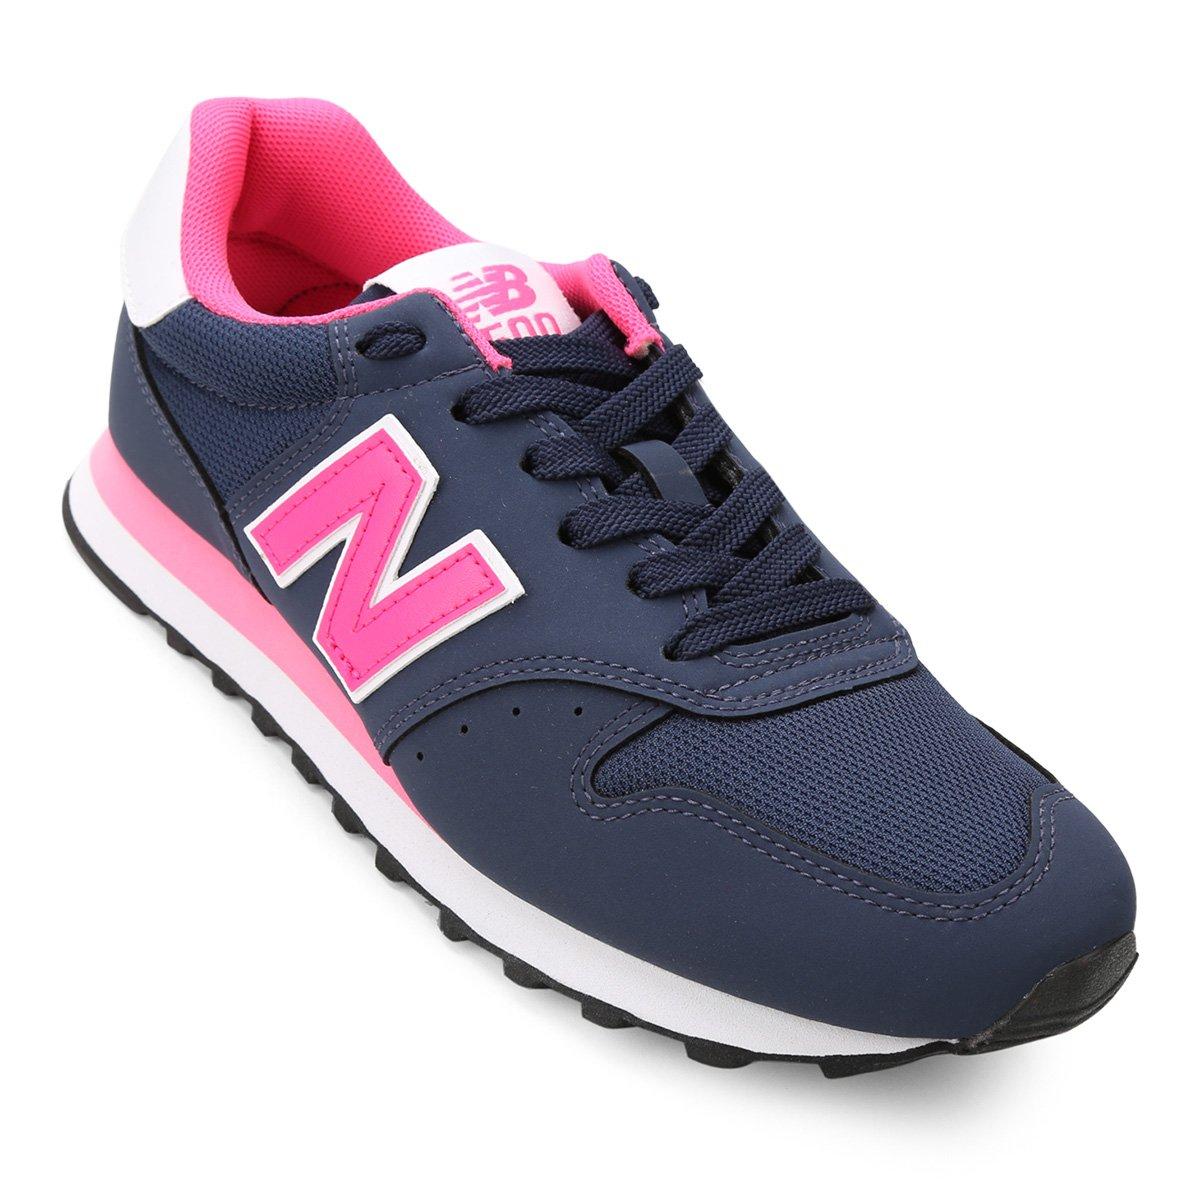 3932305097d Tênis Couro New Balance W 500 Feminino - Compre Agora